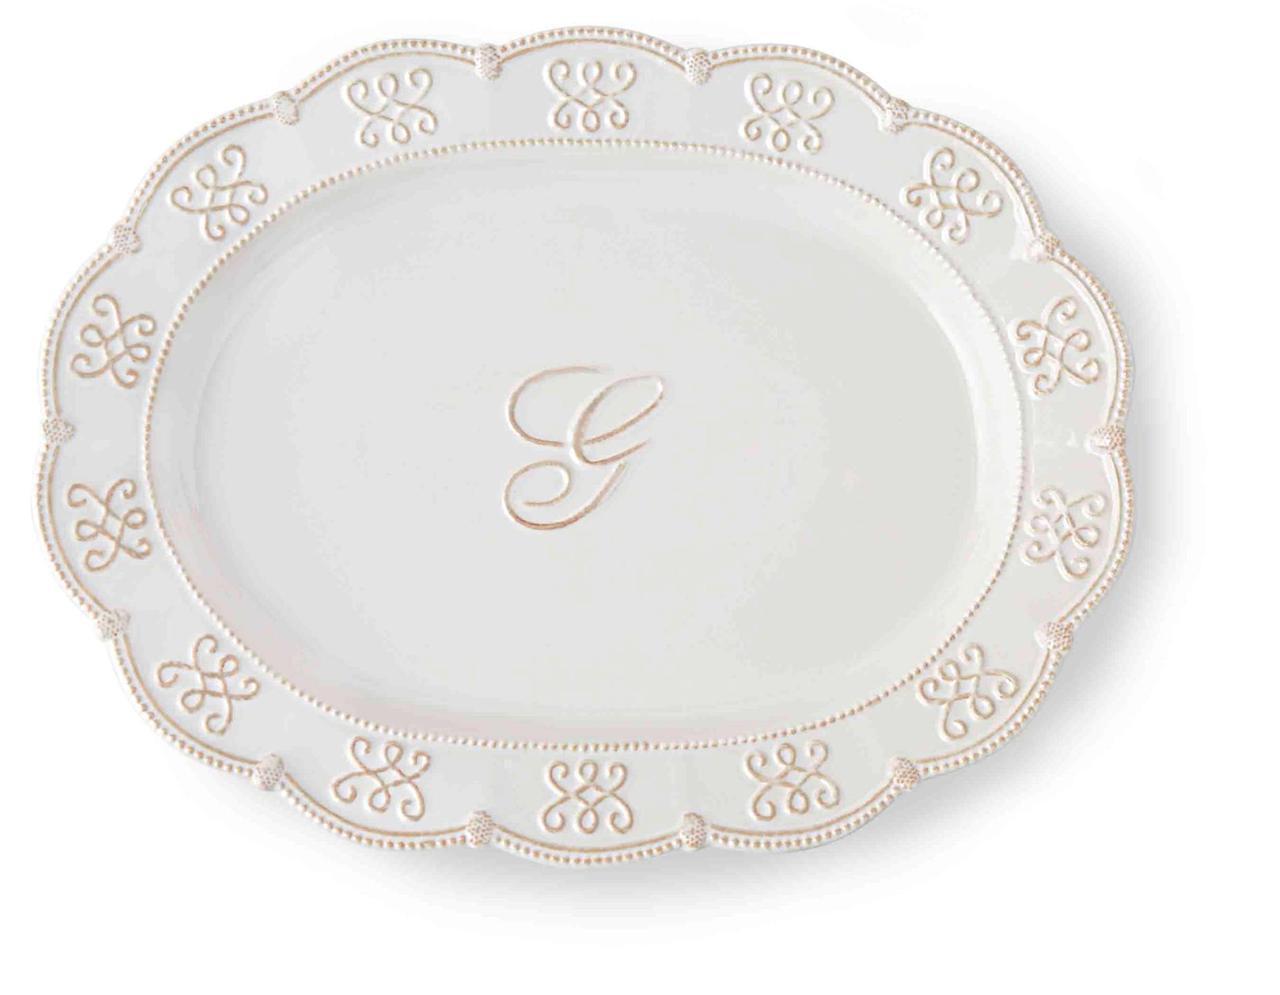 Ceramic white monogram initial oval serving platter mud pie fleur de lis 4071042 platters - Fleur de lis serving tray ...